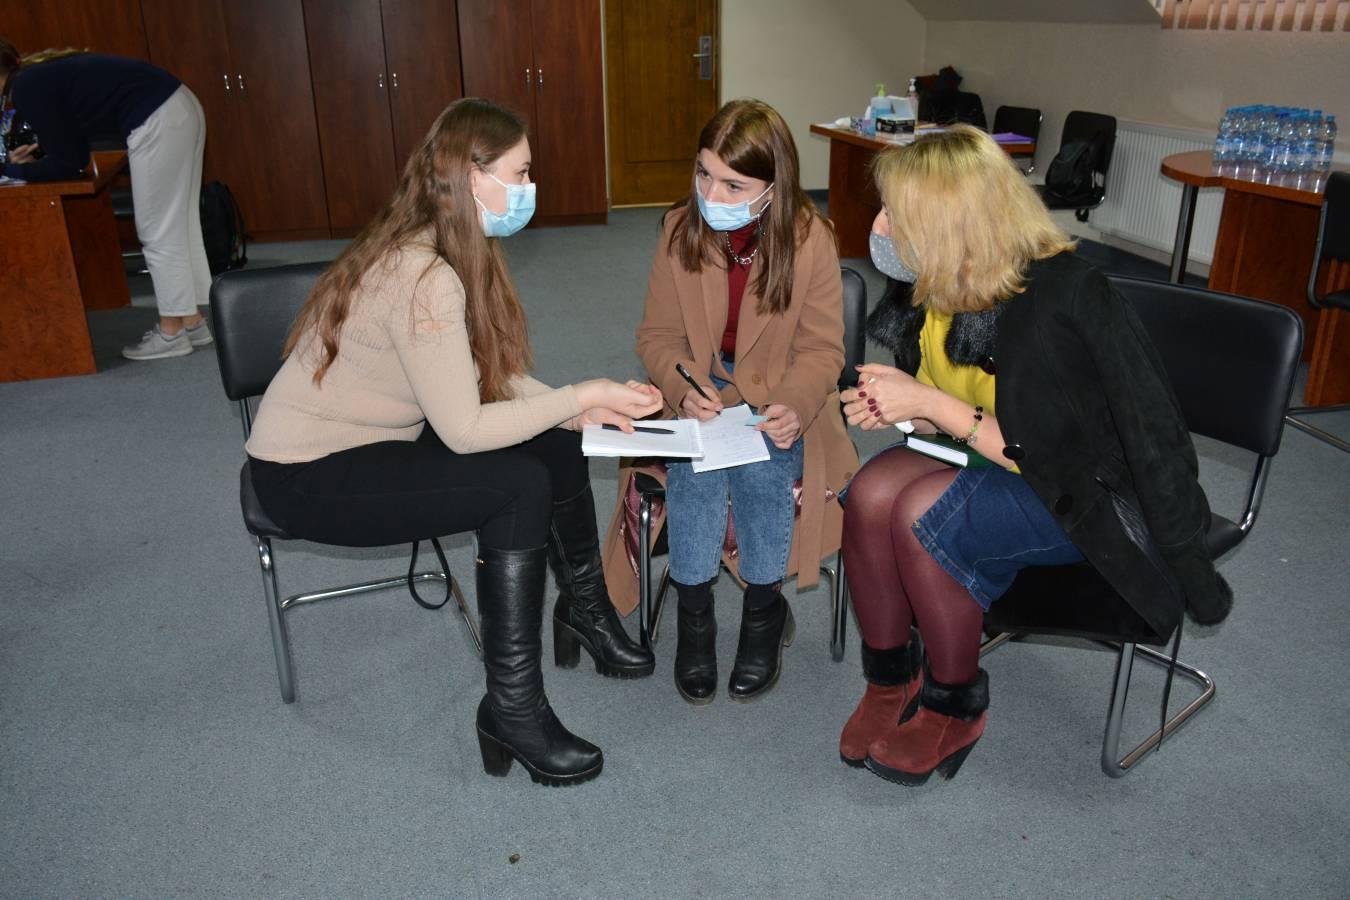 Сучасні виклики професії журналіста з'ясовували викладачі й студенти відділення журналістики